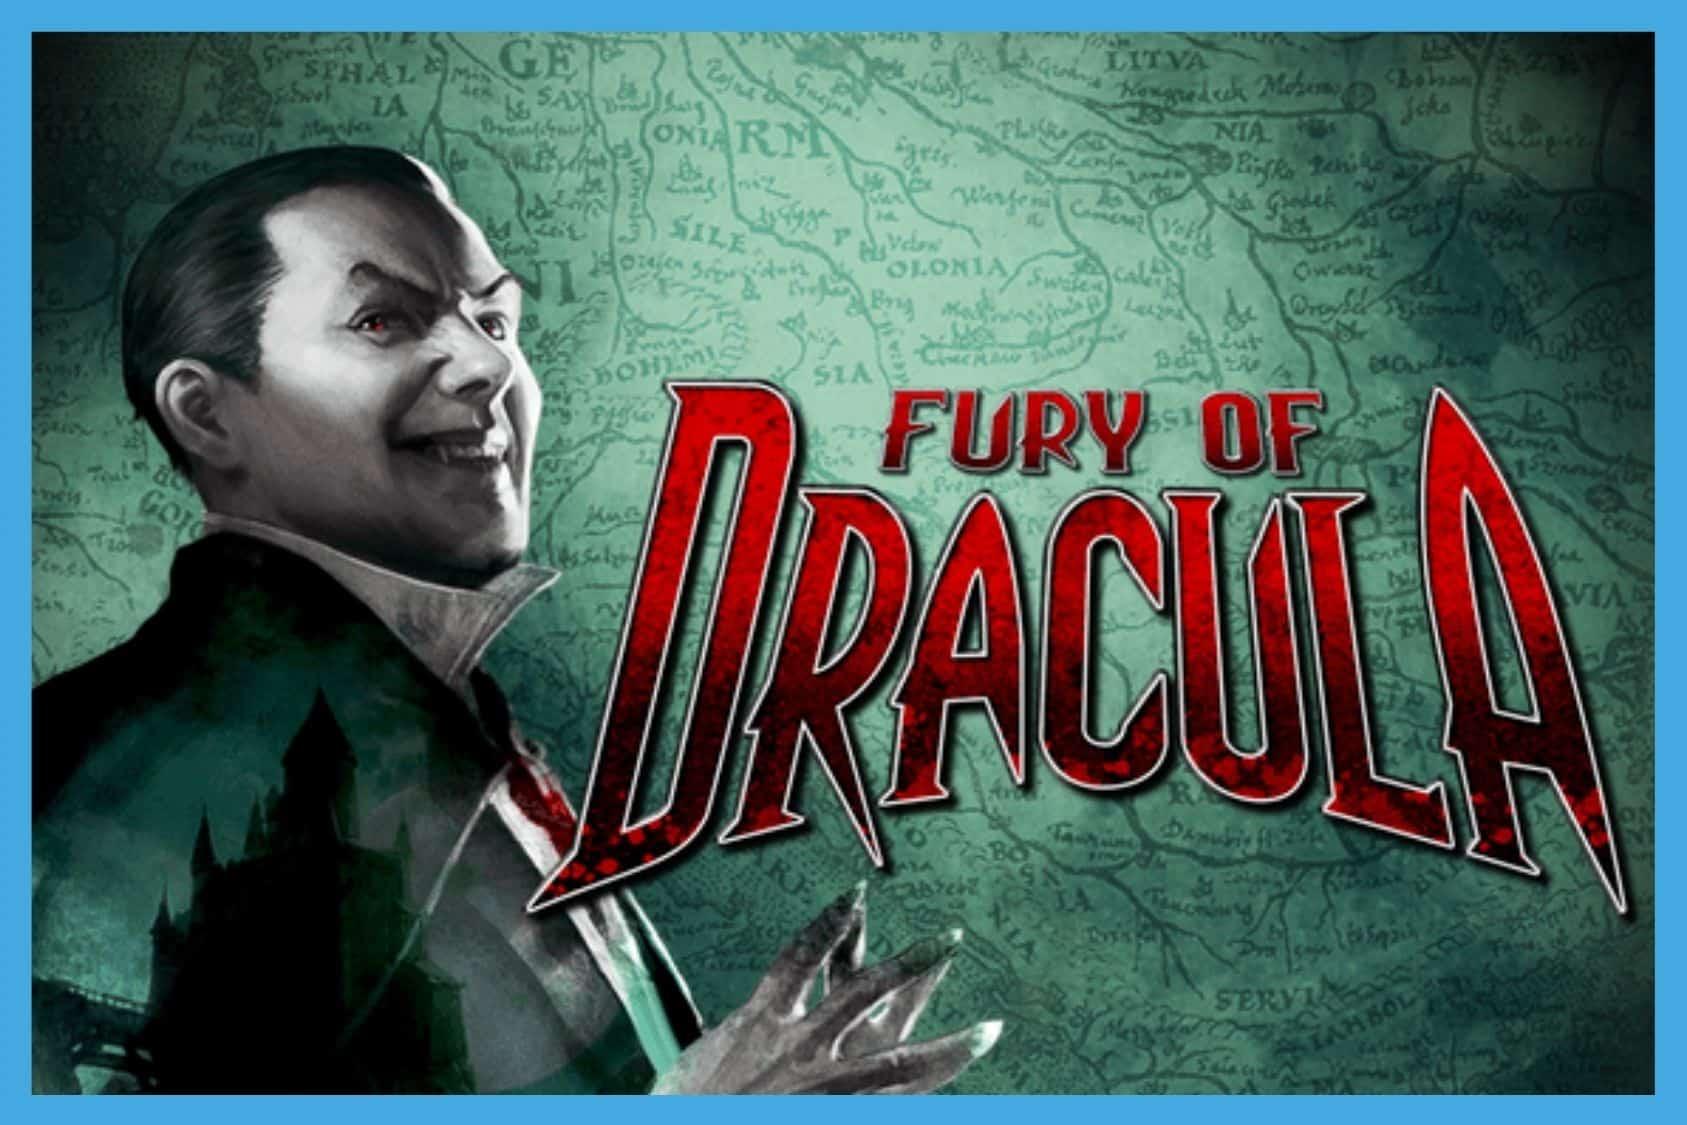 Fury of Dracula App Review